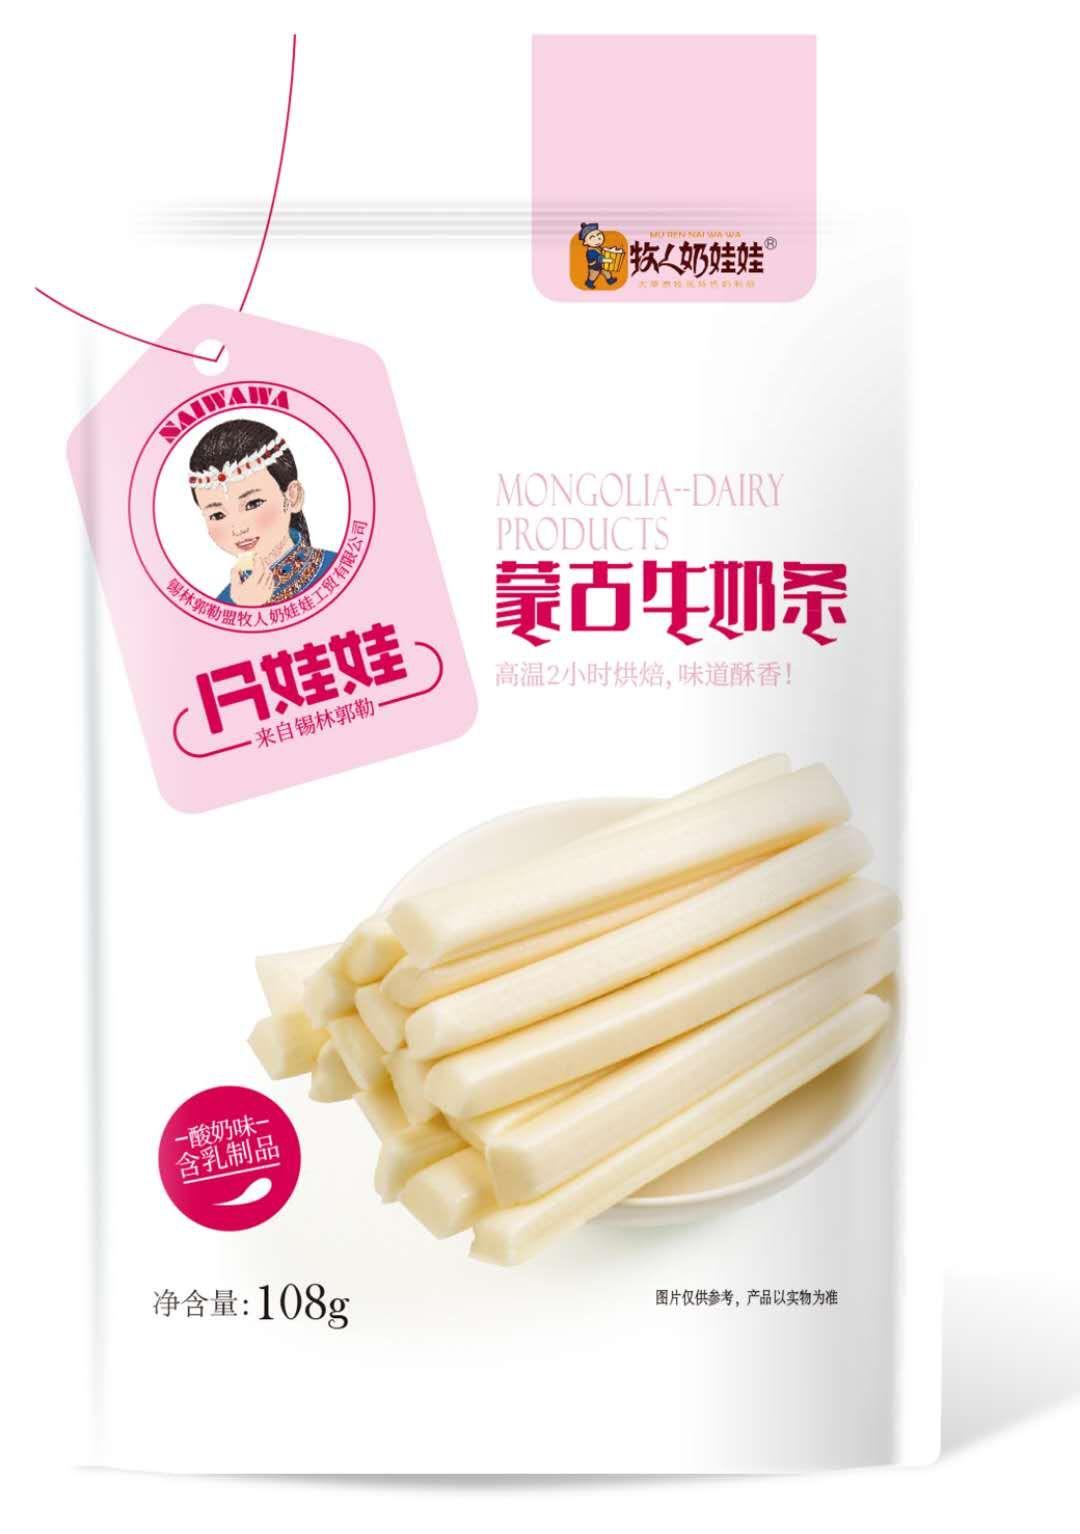 克 108 内古牛奶条 零食店 chi66 女流女流